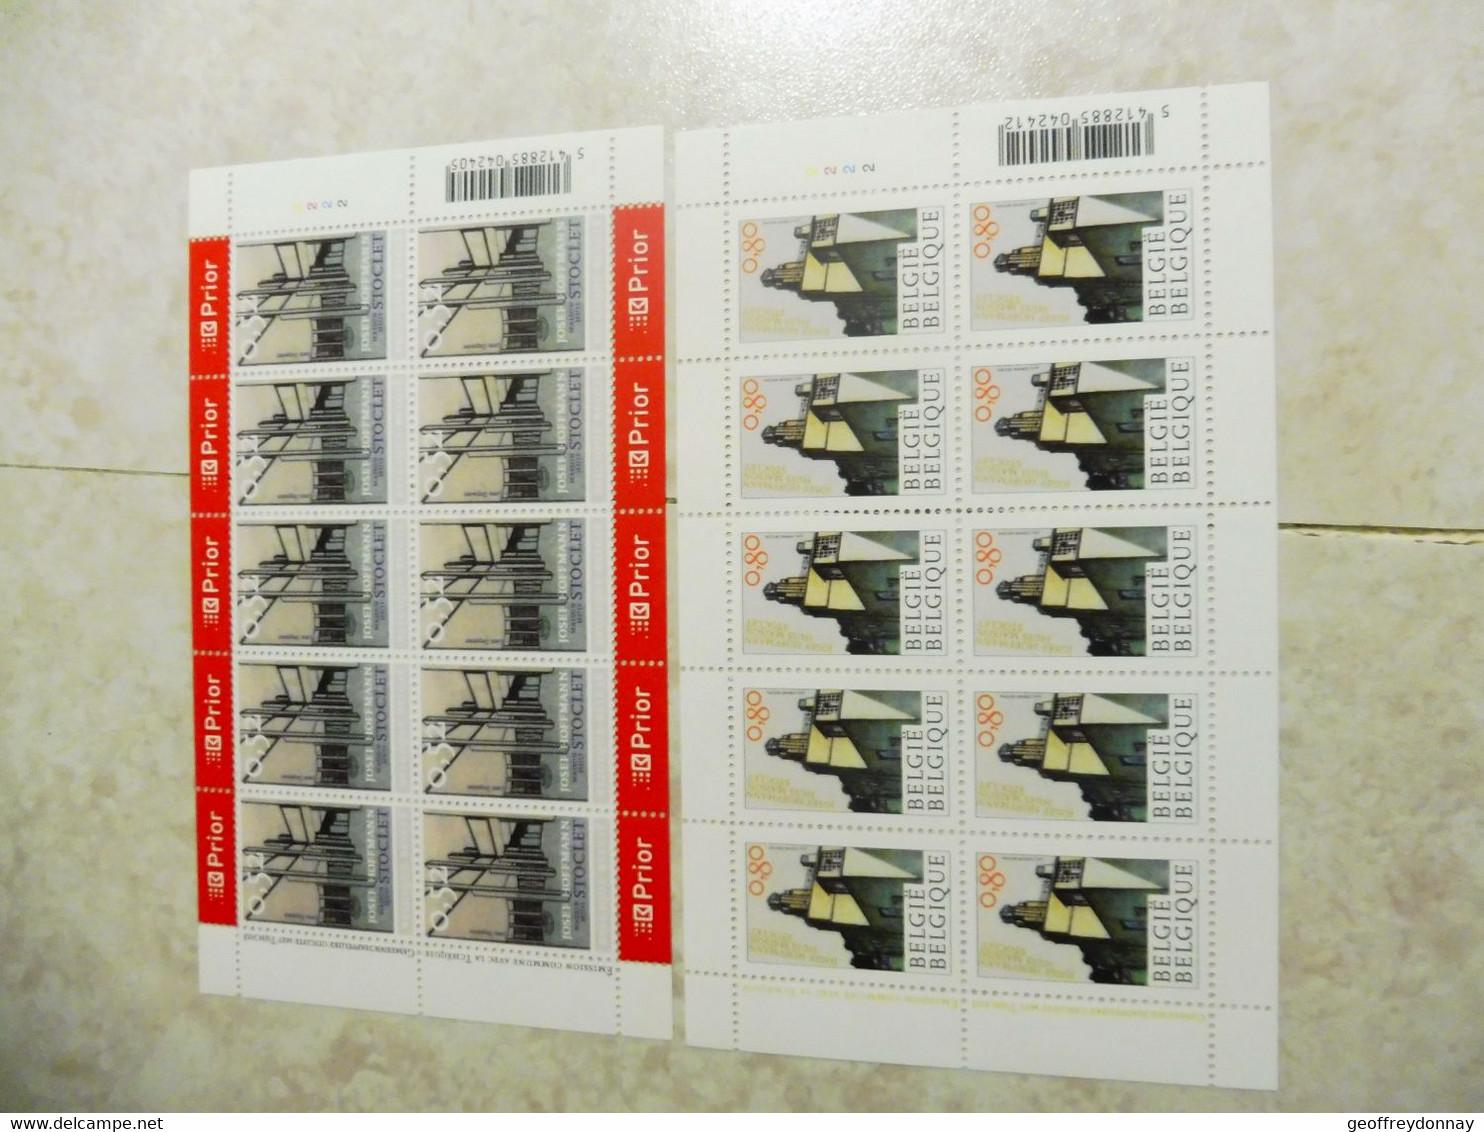 Belgique Belgie Kleine Blad Petite Feuille Numero 3629/3630 ( Année 2007 ) Planche 2 - Hojas Completas